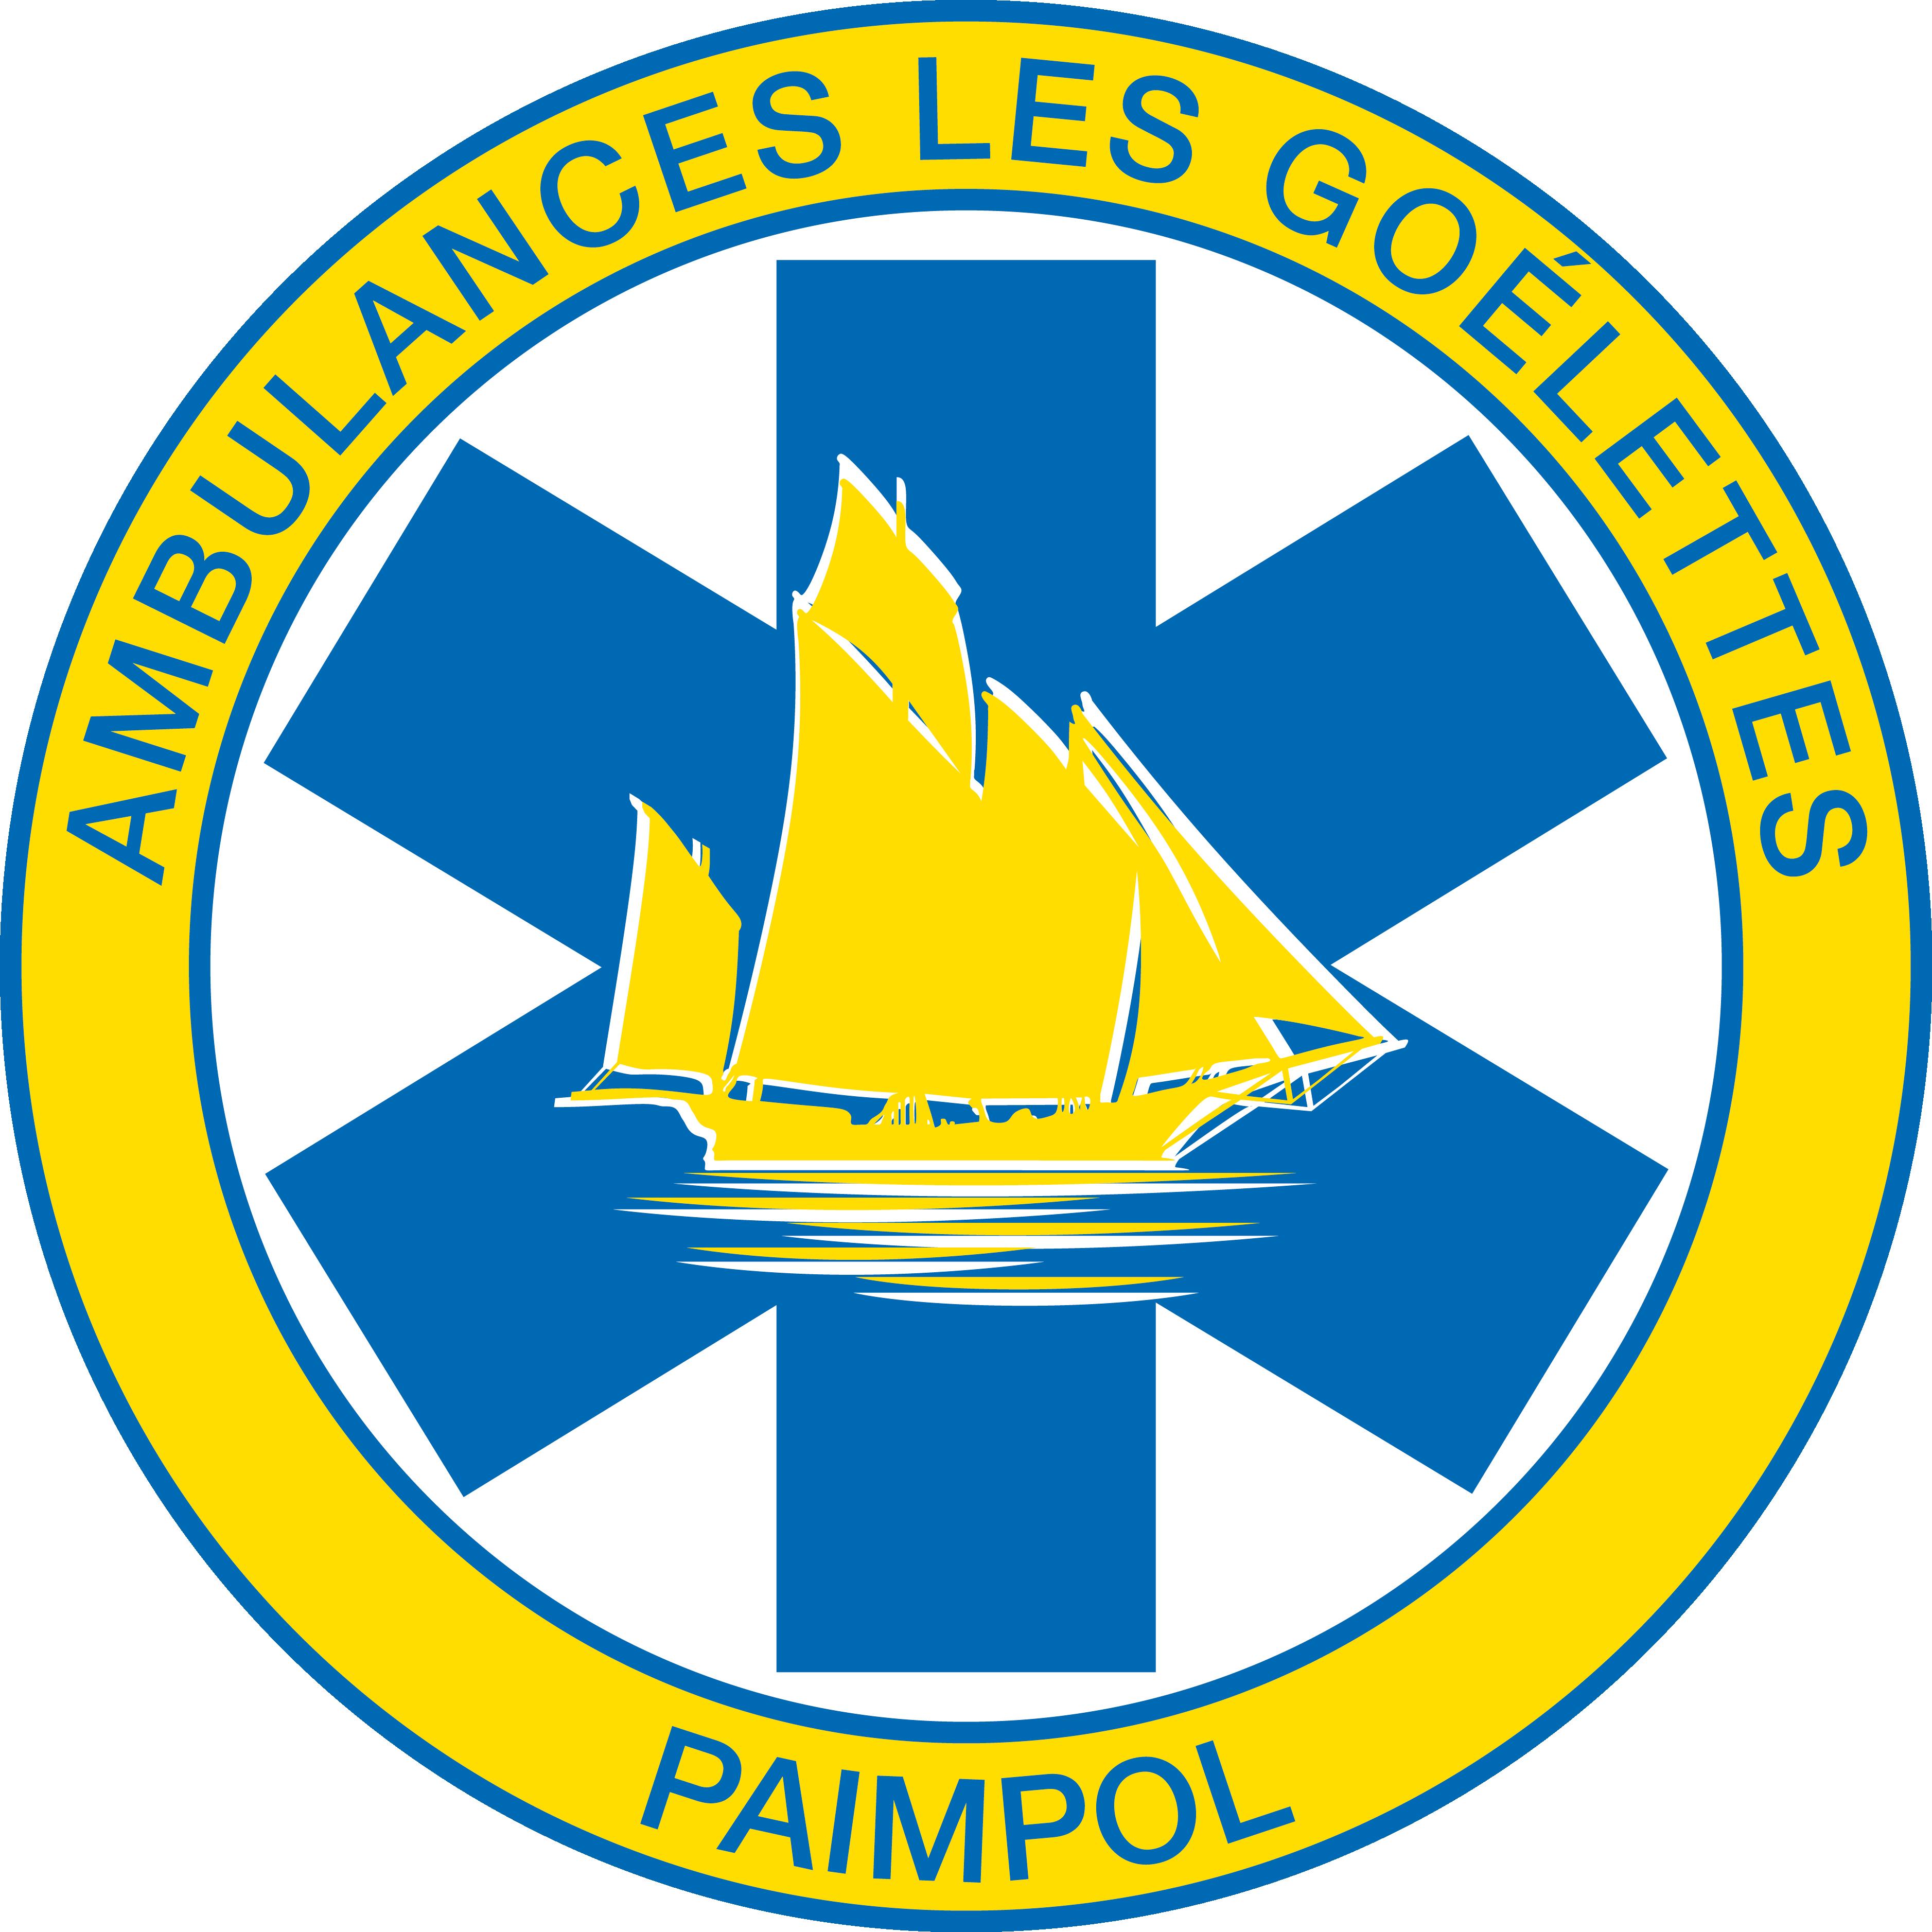 Ambulances Les Goélettes - Paimpol